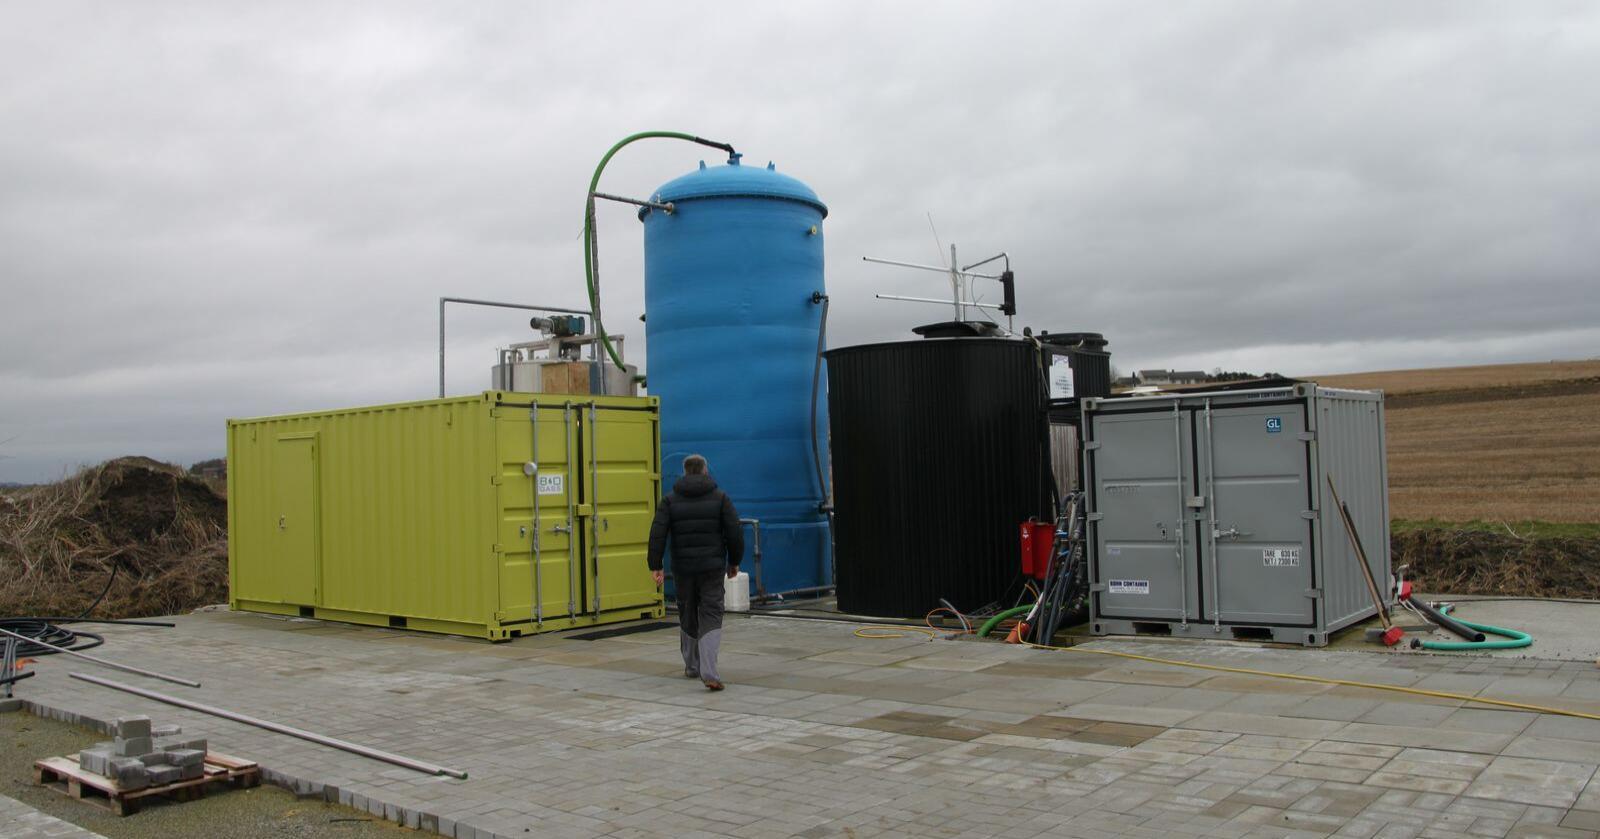 Selv om vi ligger langt bak myndighetenes mål om at 30 prosent av husdyrgjødsel skal omdannes til biogass innen 2020, er det stor interesse for biogass i landbruket. Nå går flere store landbruksaktører sammen om et nasjonalt kompetansenav for biogass. Foto: Øystein Heggdal